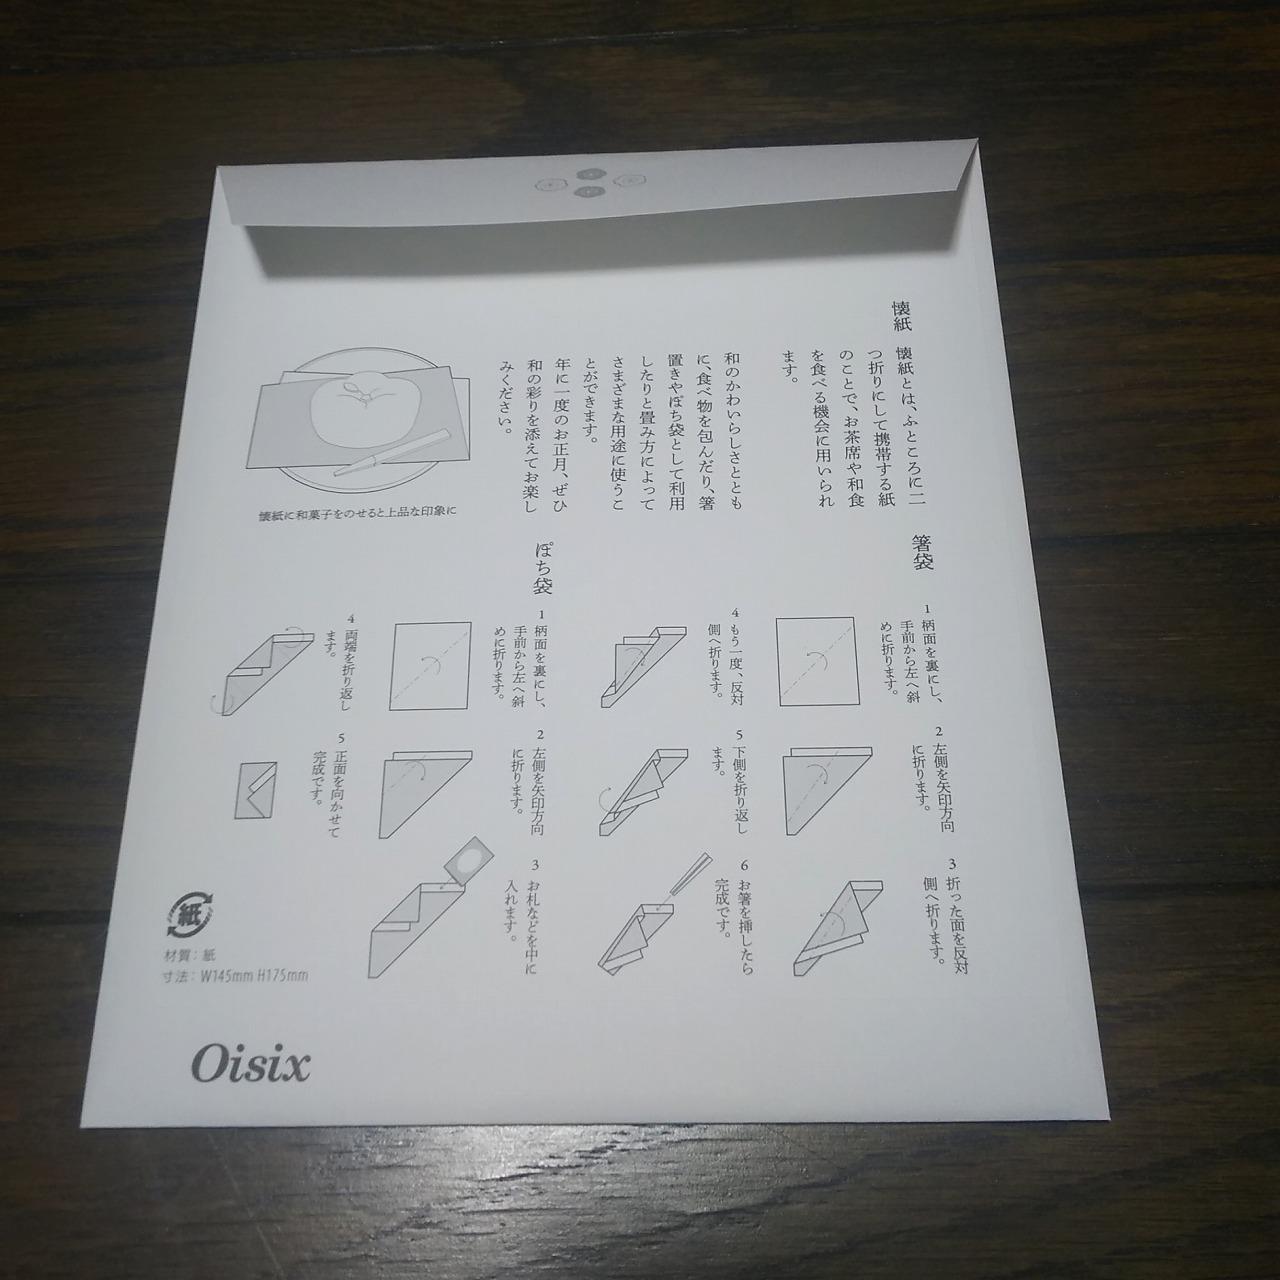 オイシックス懐紙の別の使い方